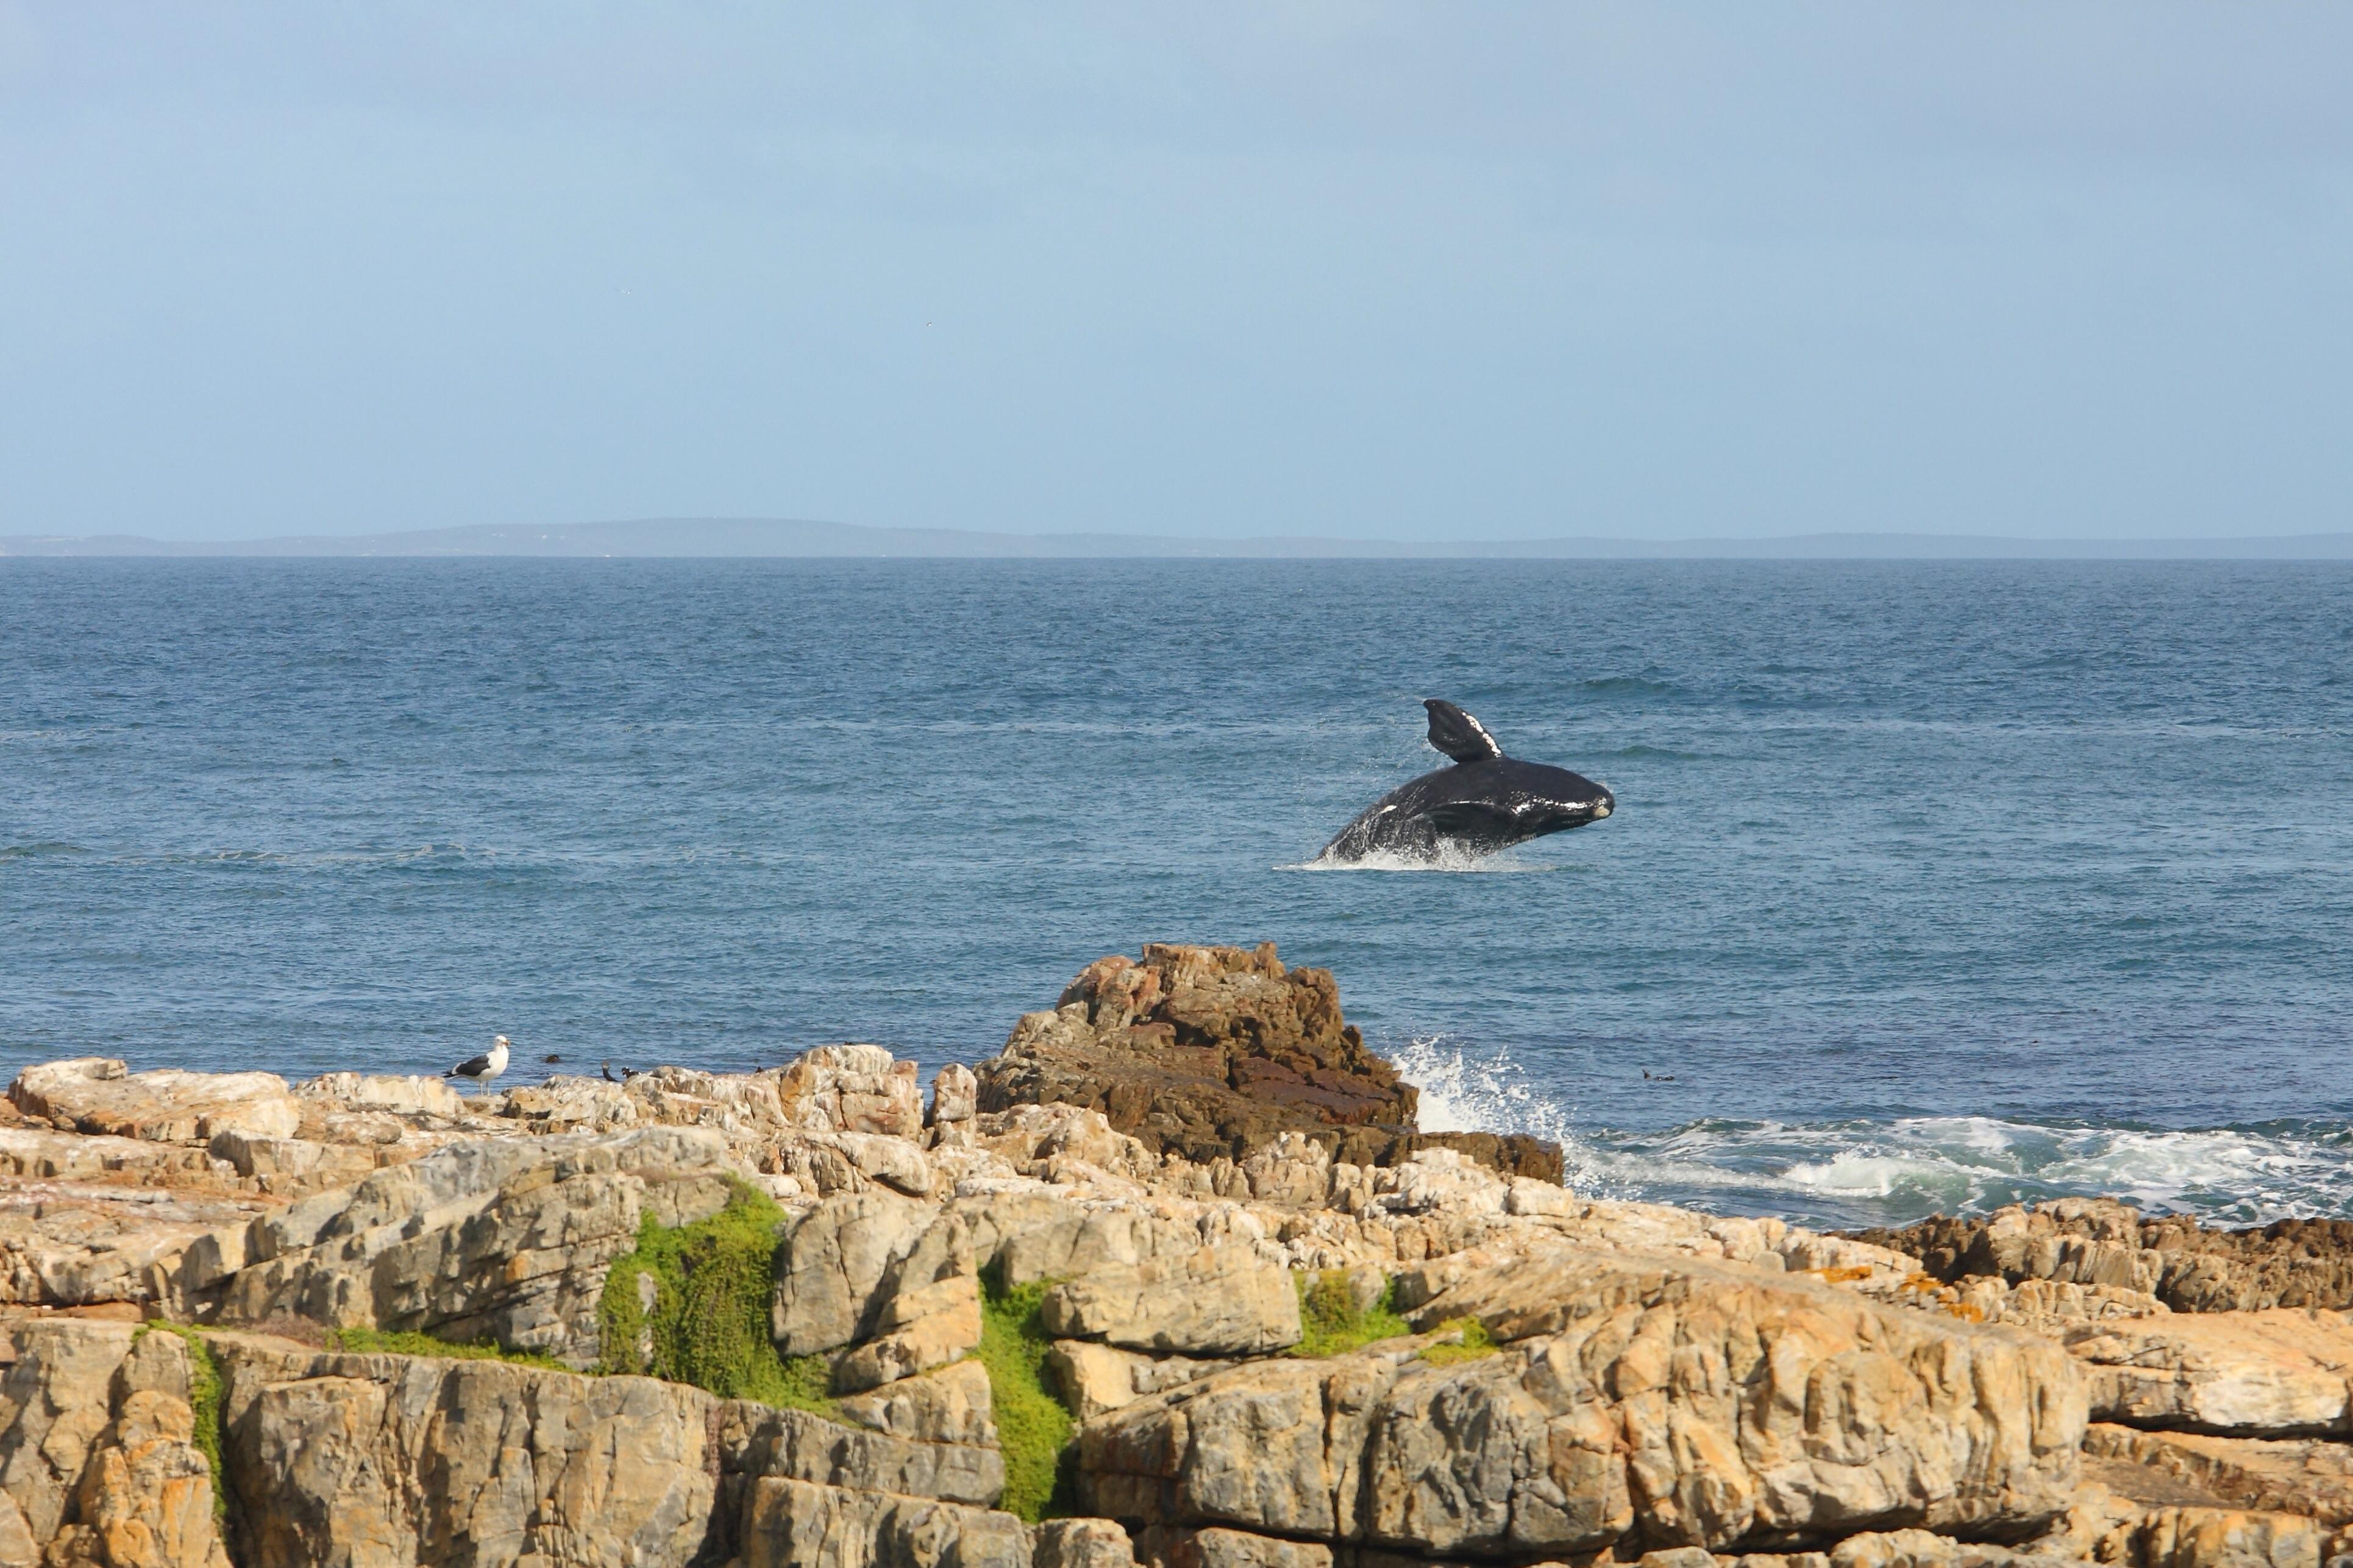 Shore-based whale watching in Hermanus